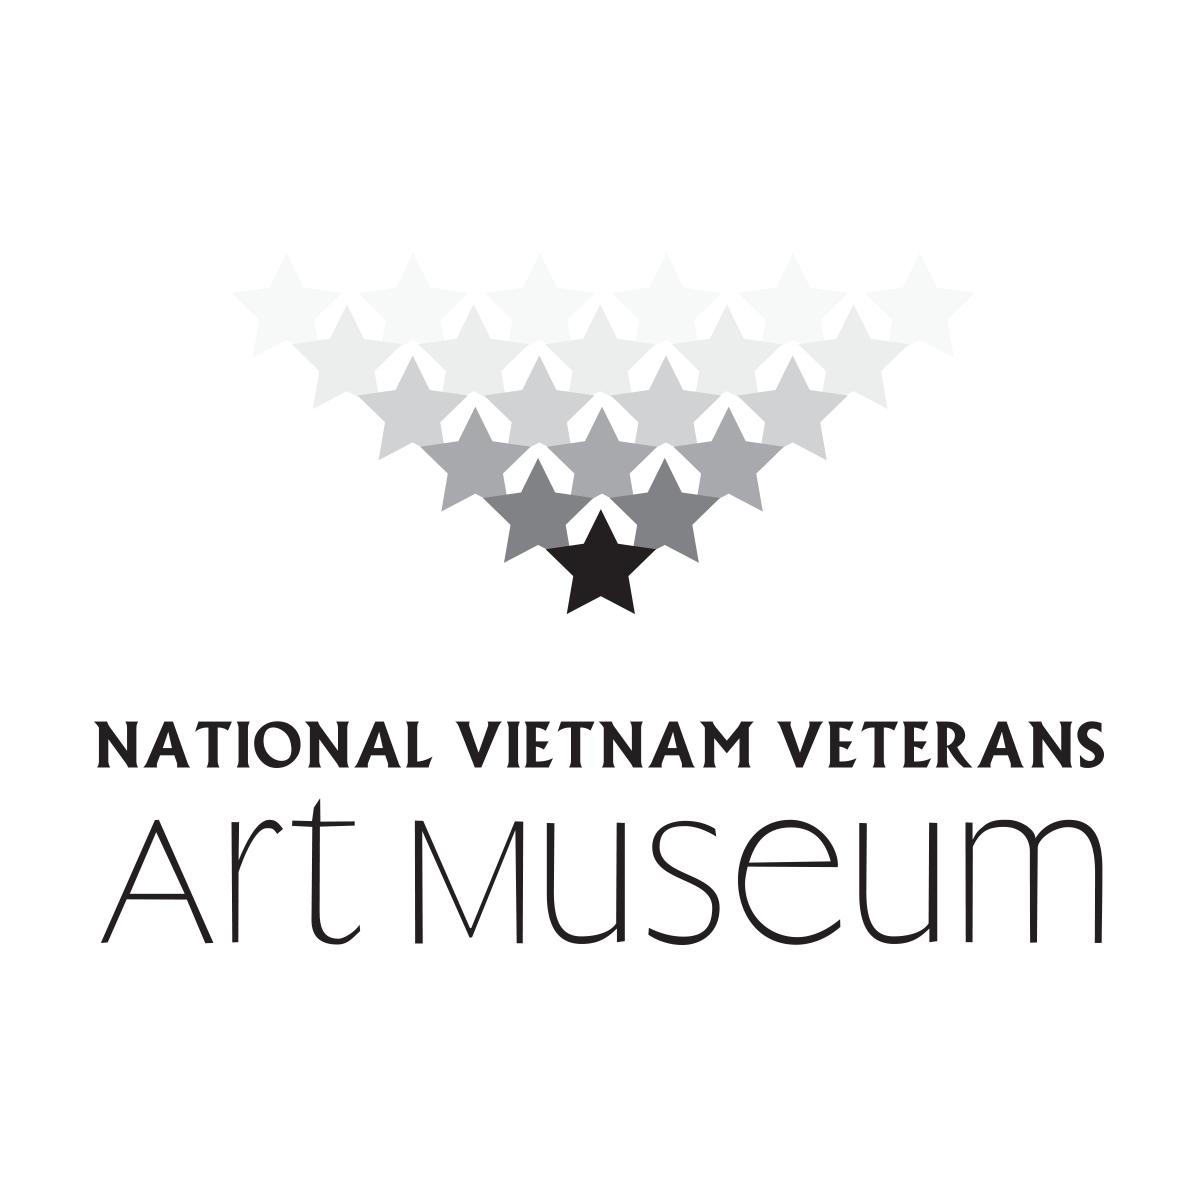 National Vietnam Veterans Art Musuem